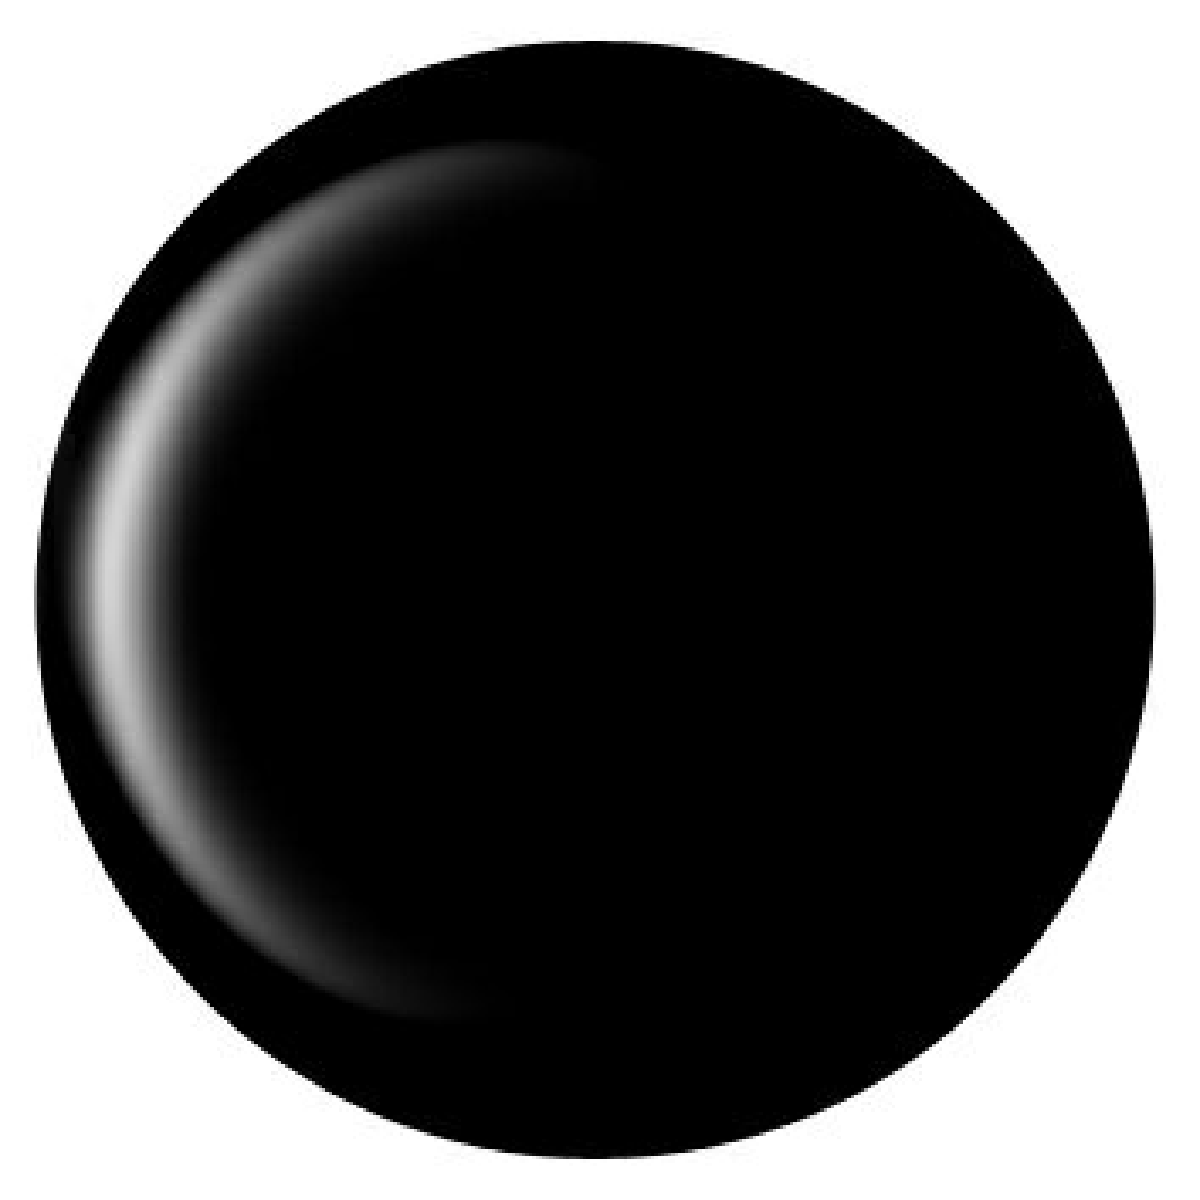 SHINYGEL Professional:アートジェル ブラック(アート用カラージェル) 4g (シャイニージェルプロフェッショナル)[UV/LED対応○](JNA検定対応)